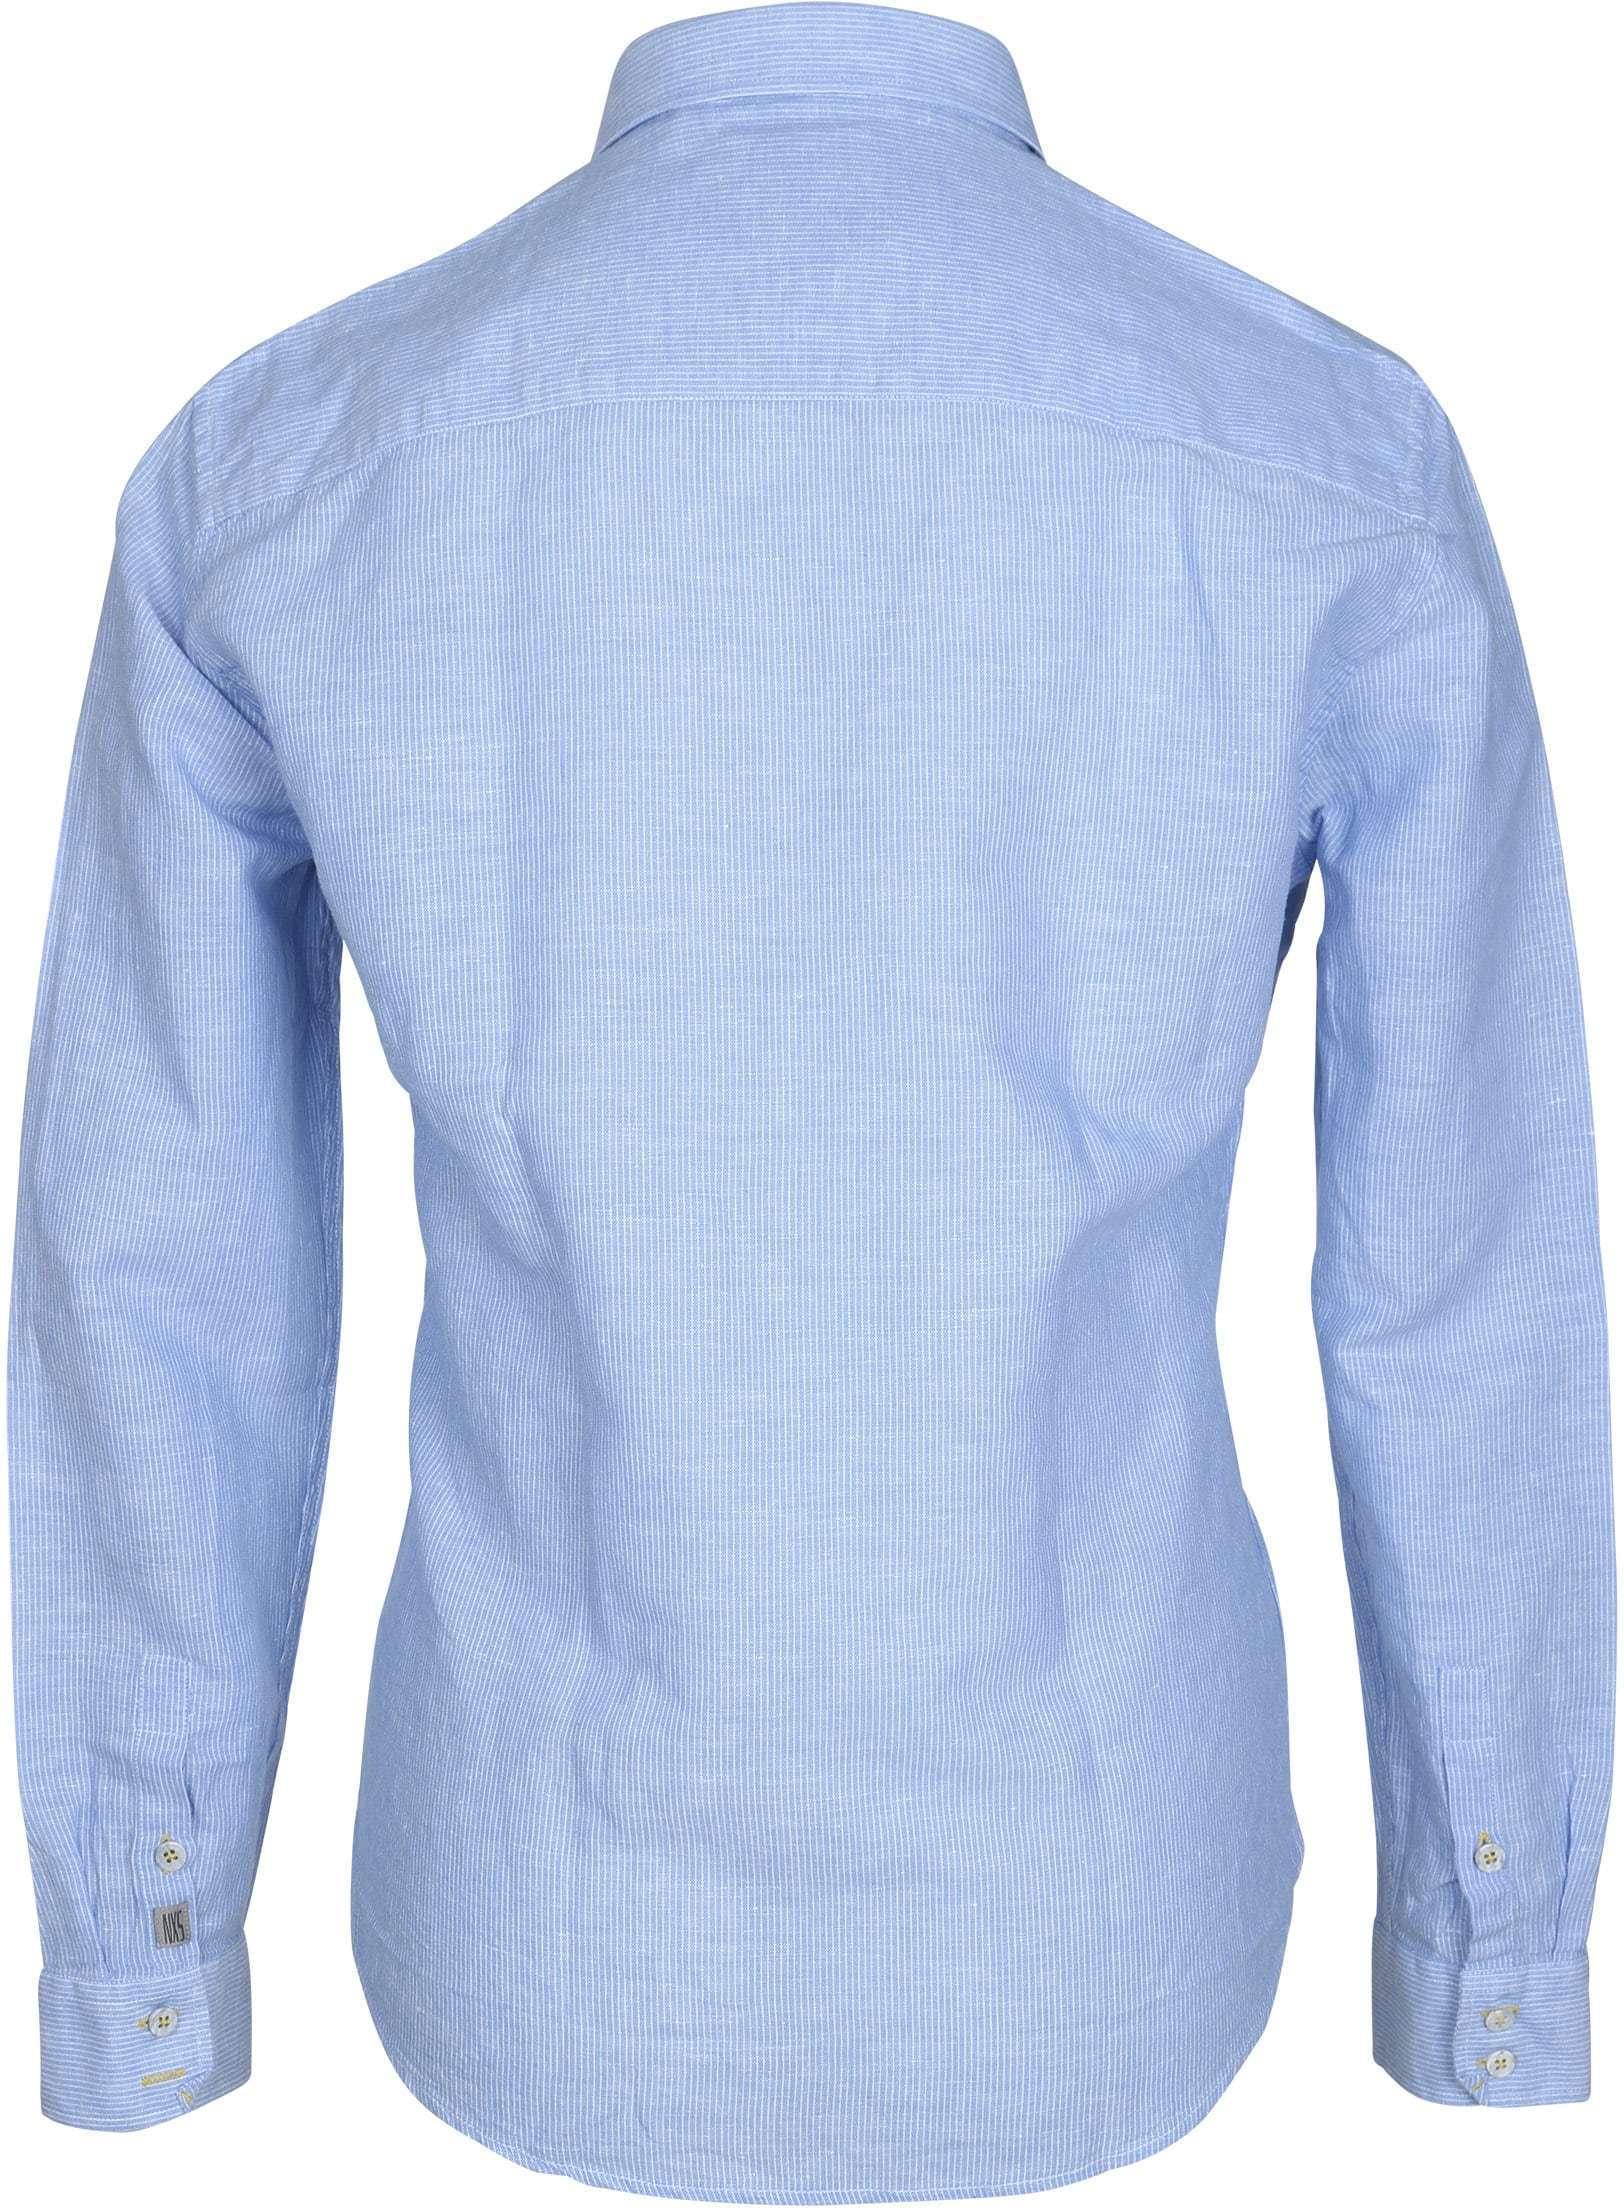 No-Excess Hemd Blau Streifen foto 3